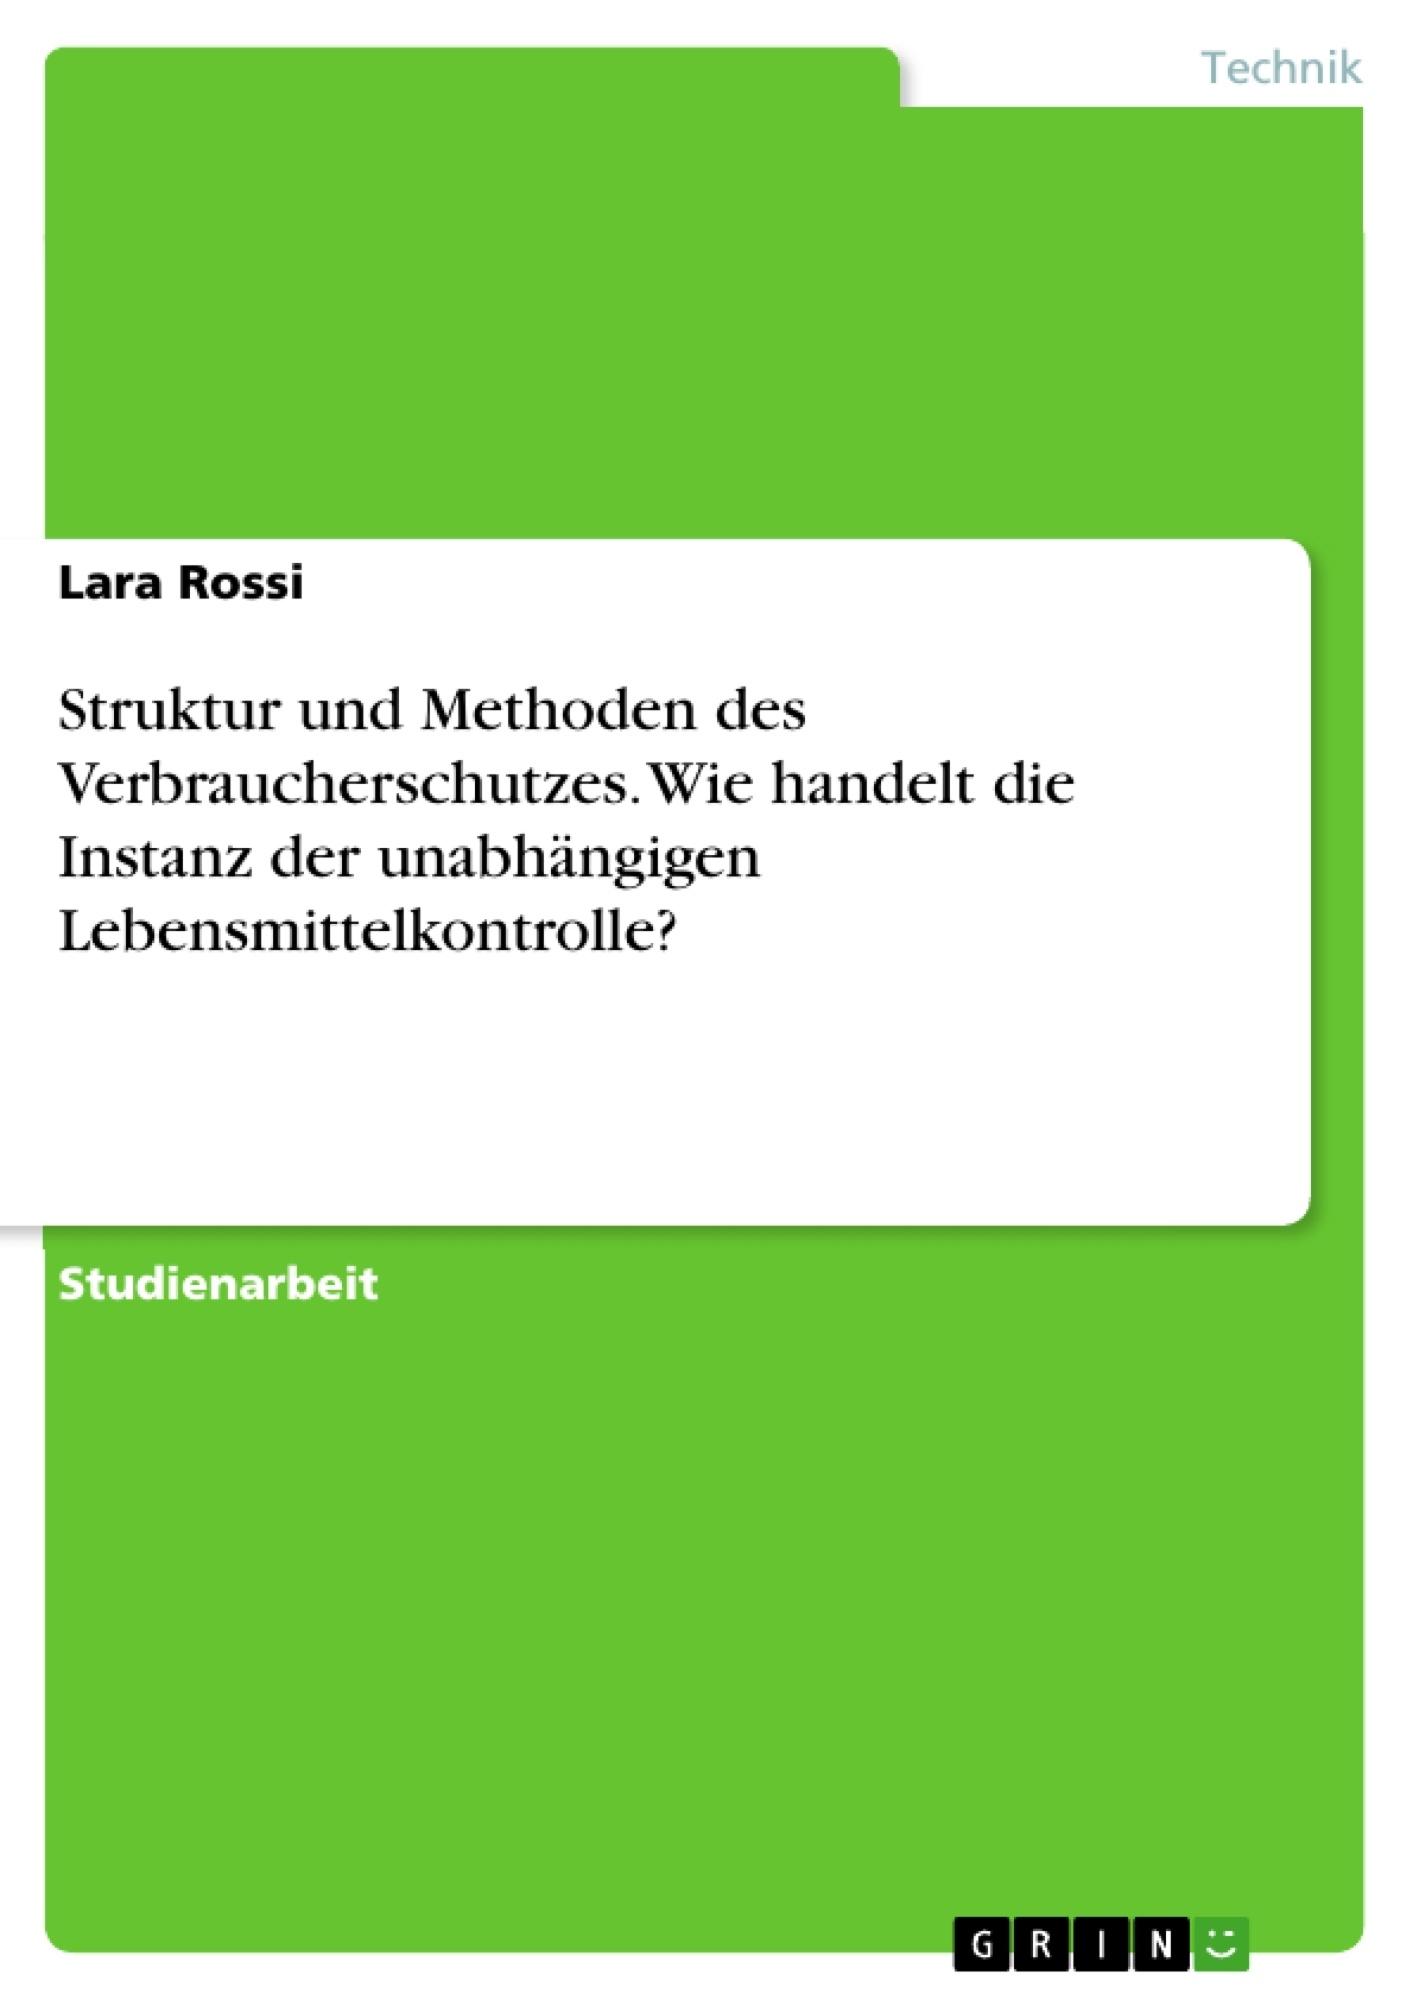 Titel: Struktur und Methoden des Verbraucherschutzes. Wie handelt die Instanz der unabhängigen Lebensmittelkontrolle?